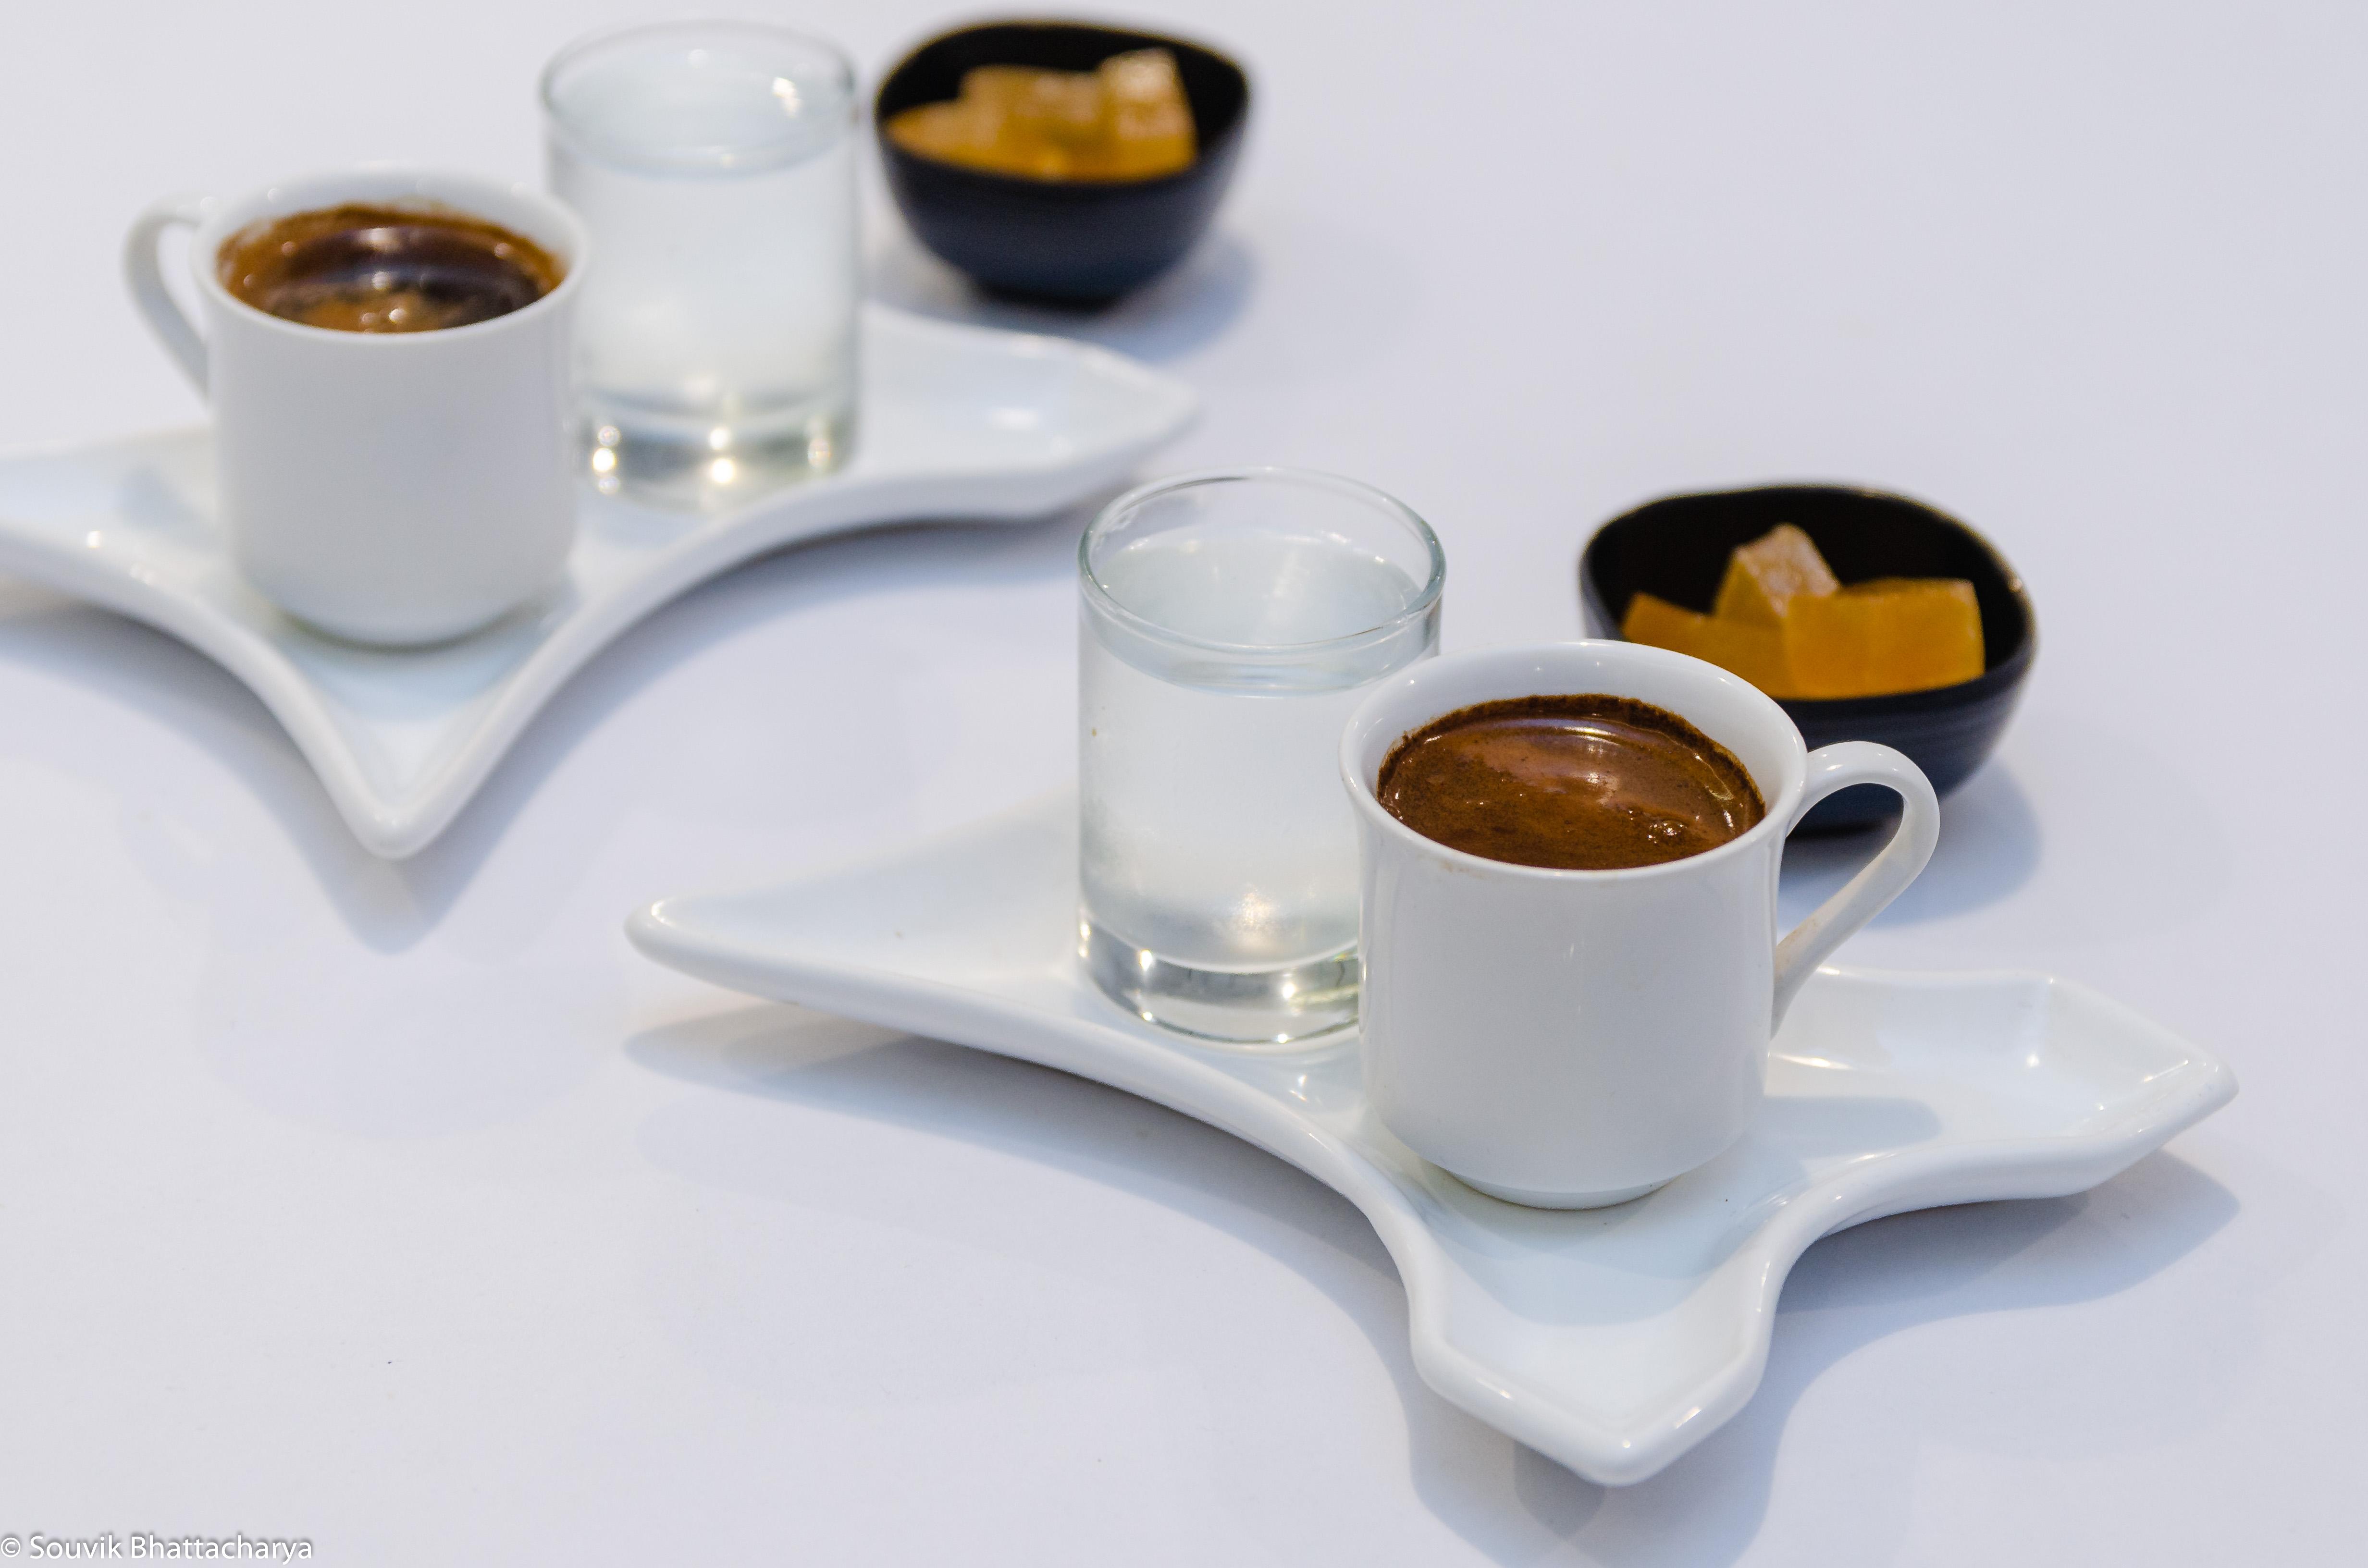 Turkish Coffee in Wokies two-dimensional restaurant